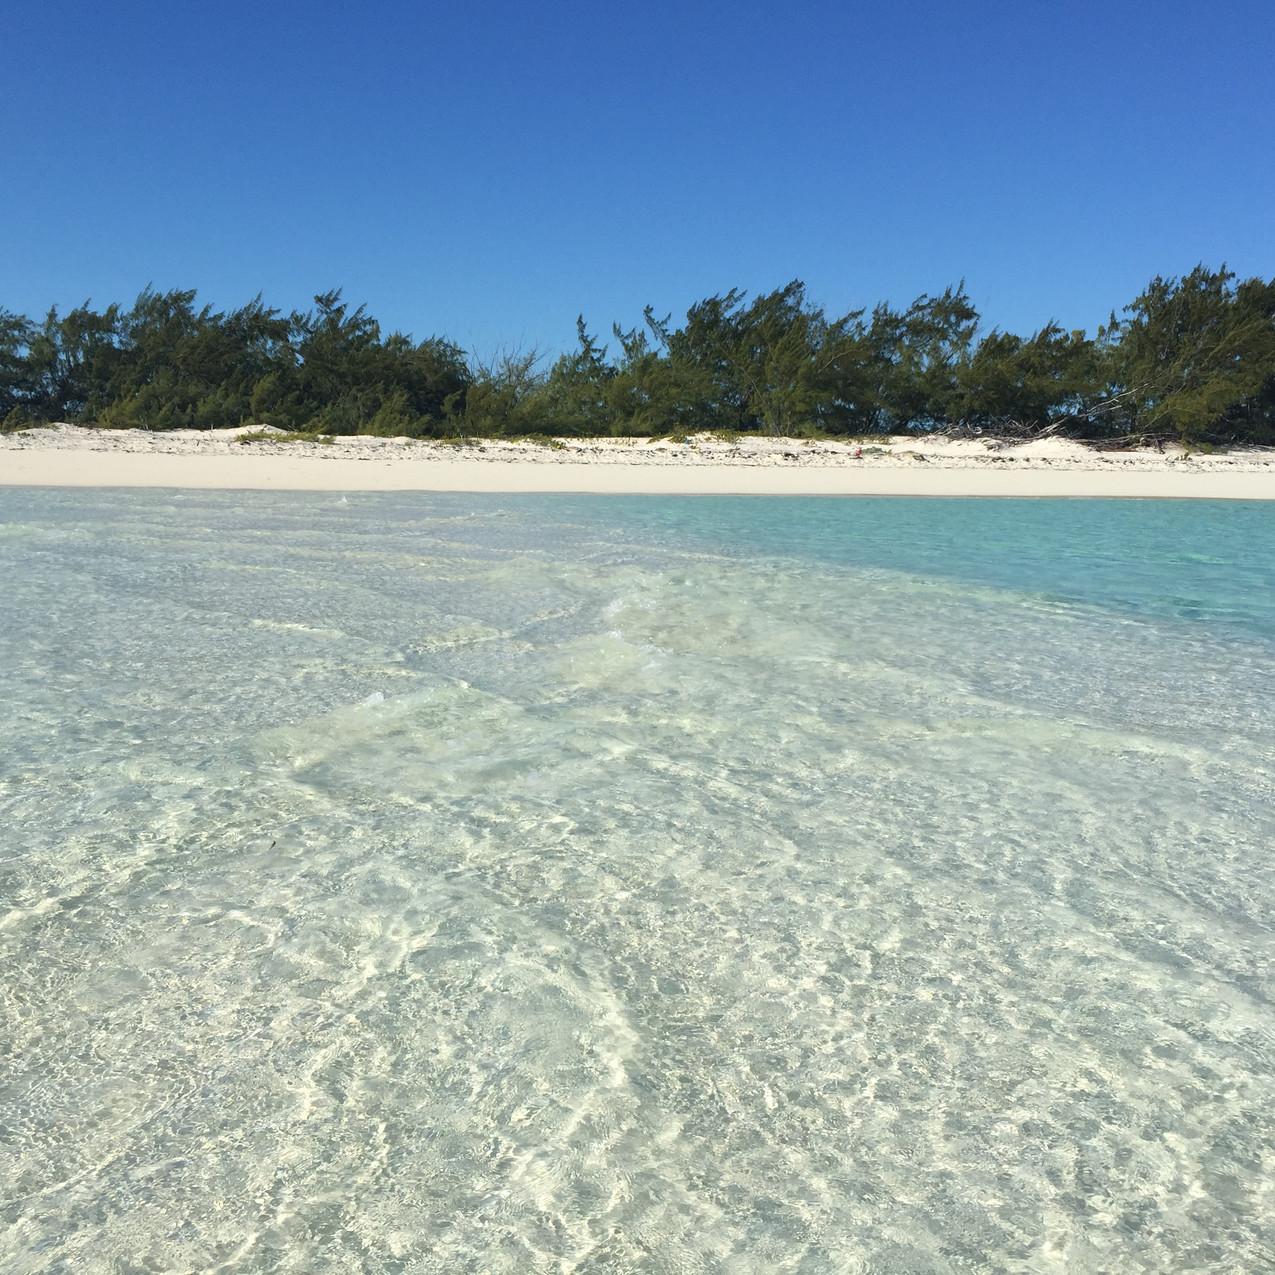 Bahamas, Exuma